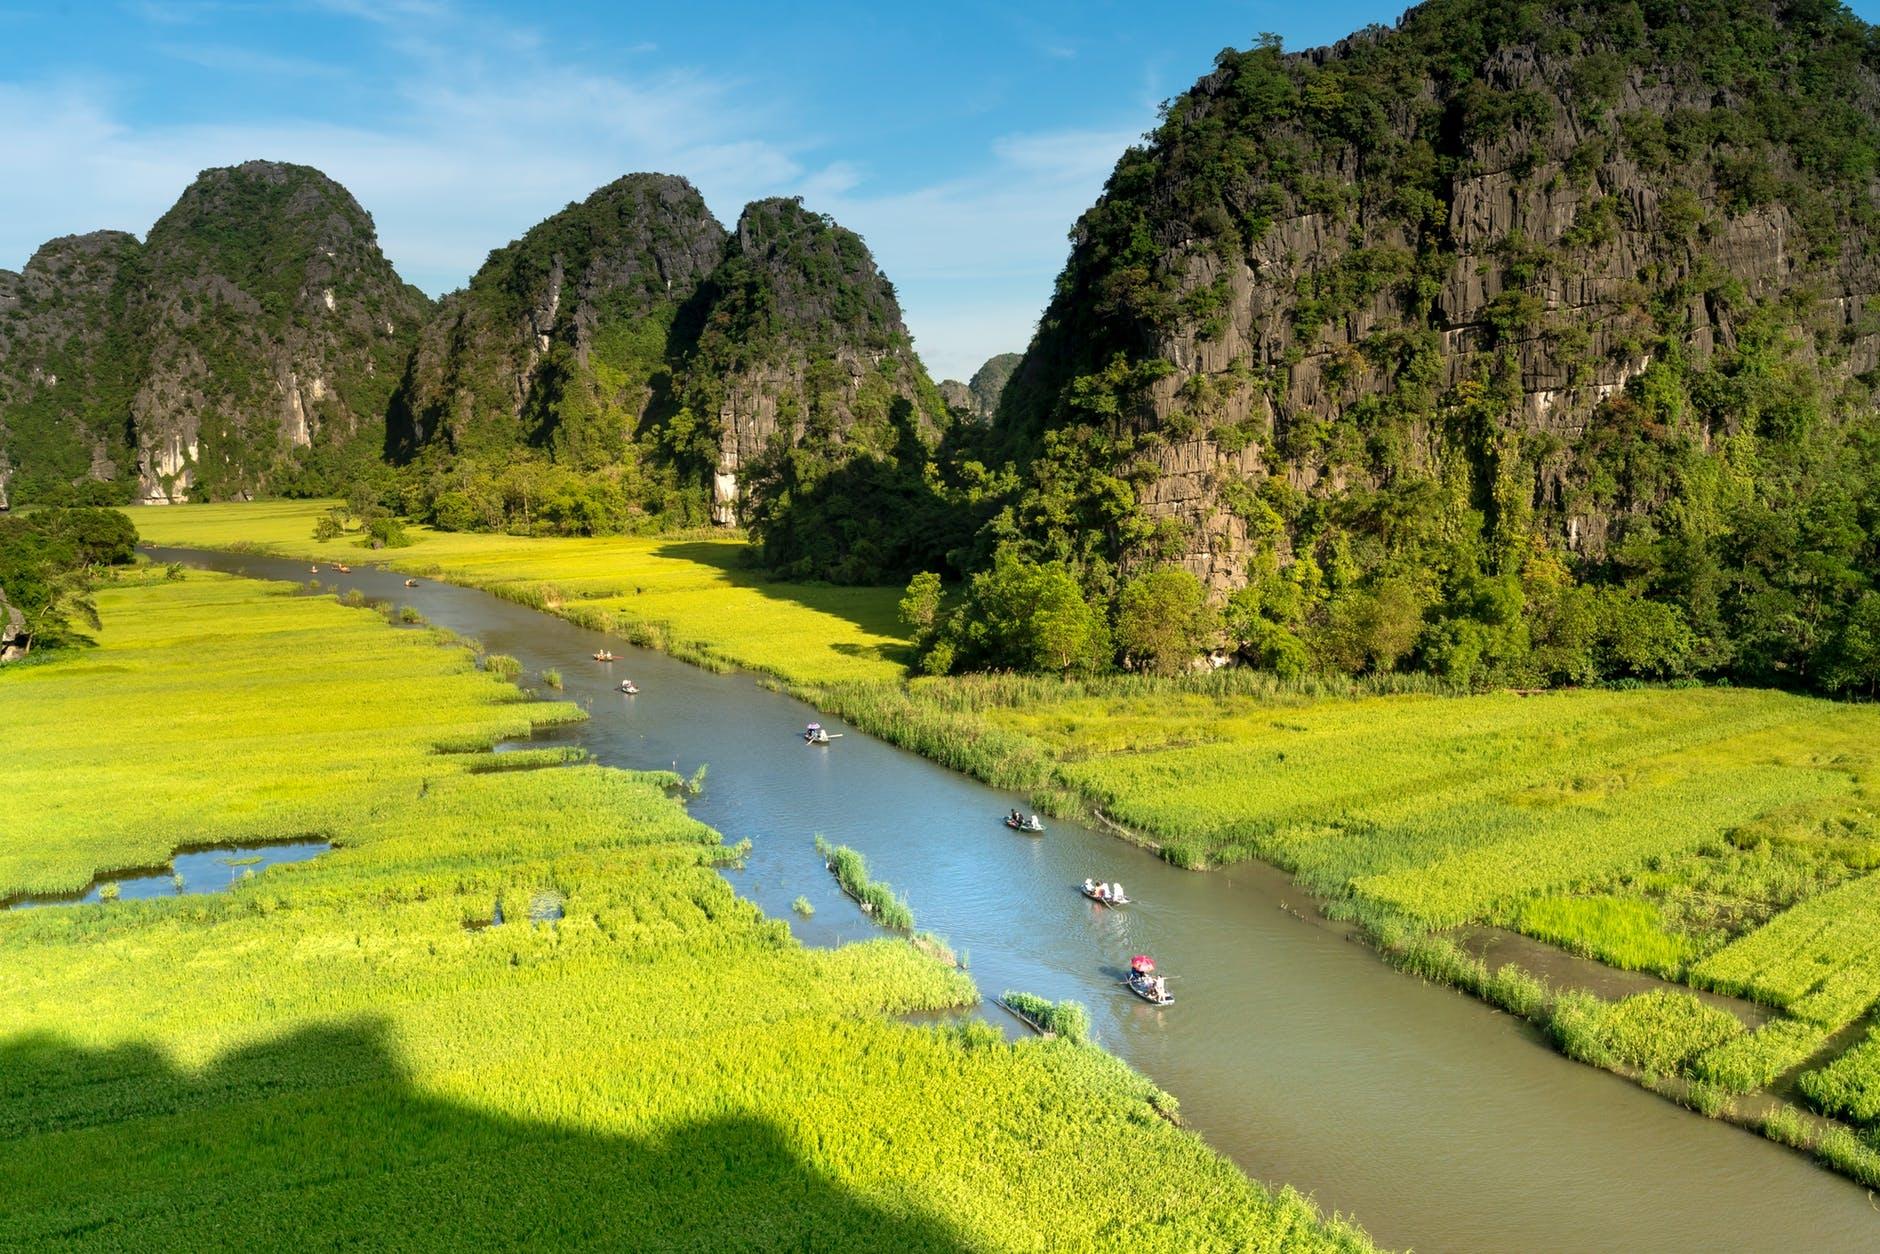 Viaje Vietnam Asia (@viajevietnamasia) Cover Image